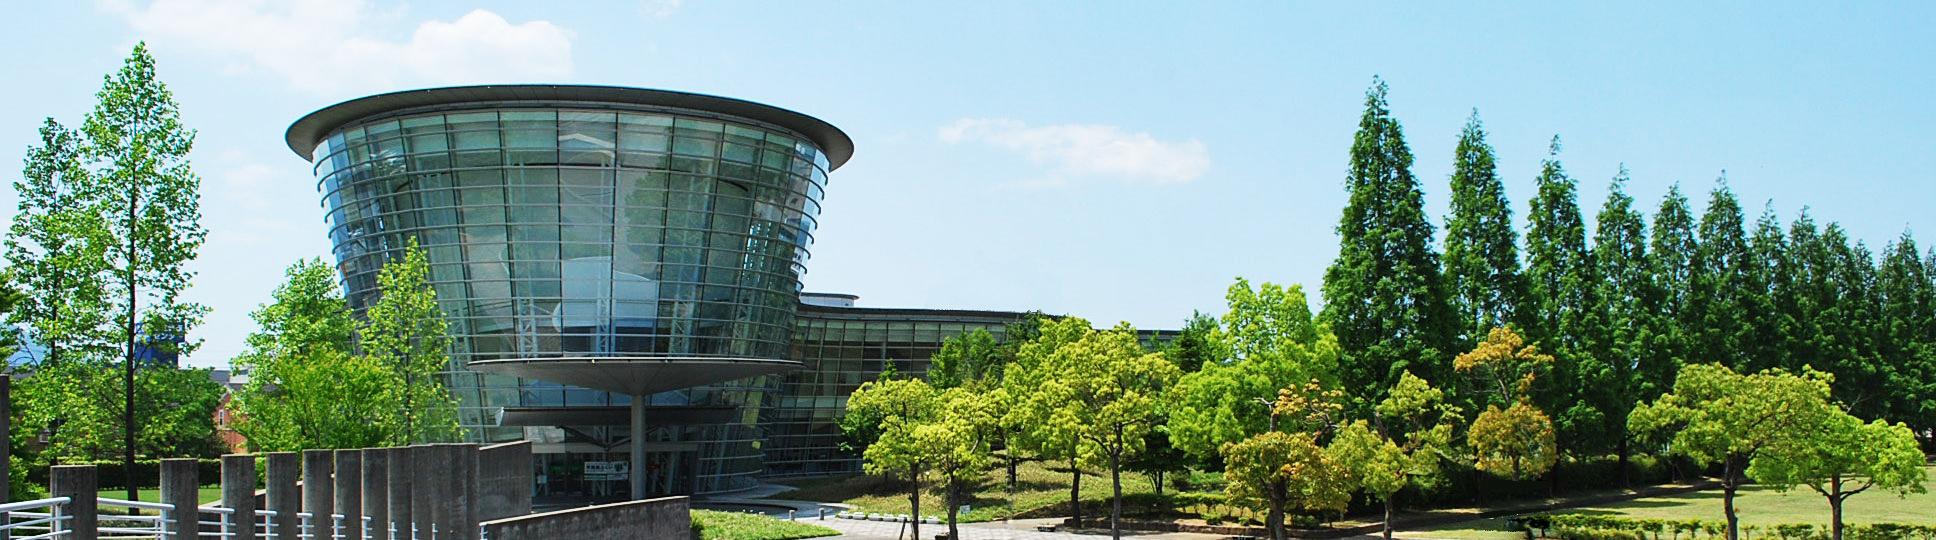 福井市美術館TOPページ